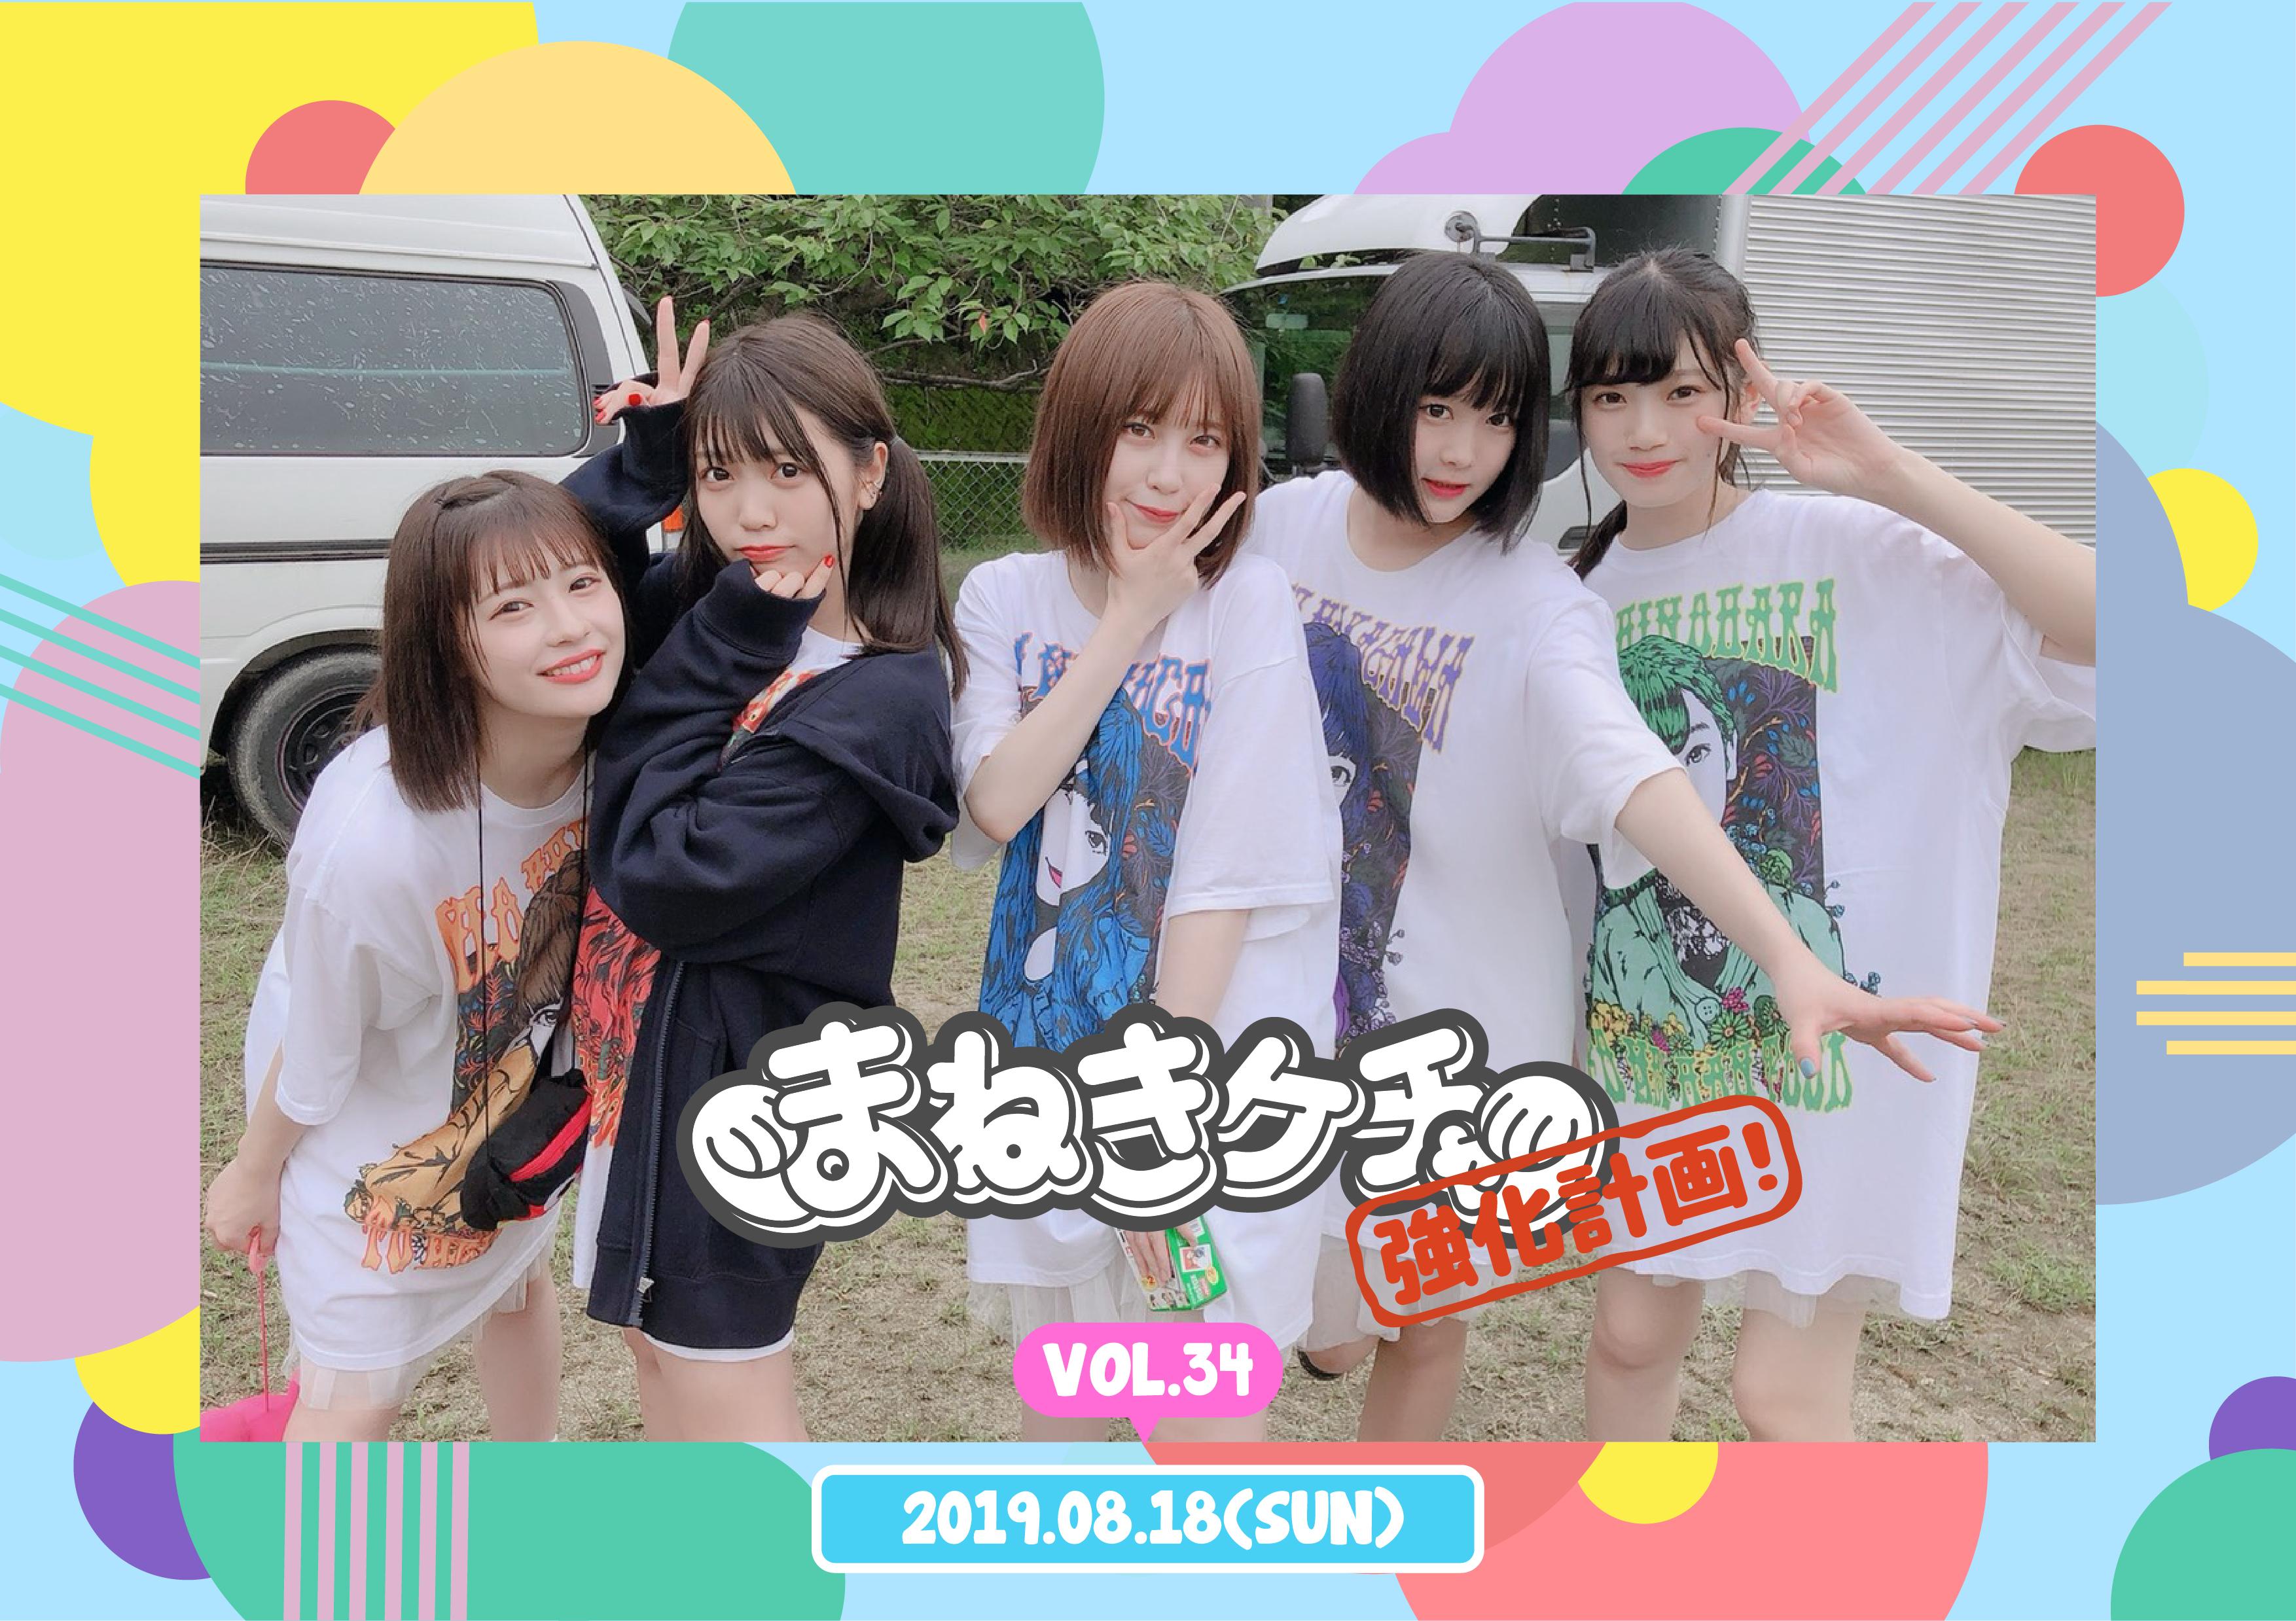 8月18日(日) 『まねきケチャ強化計画 vol.34』